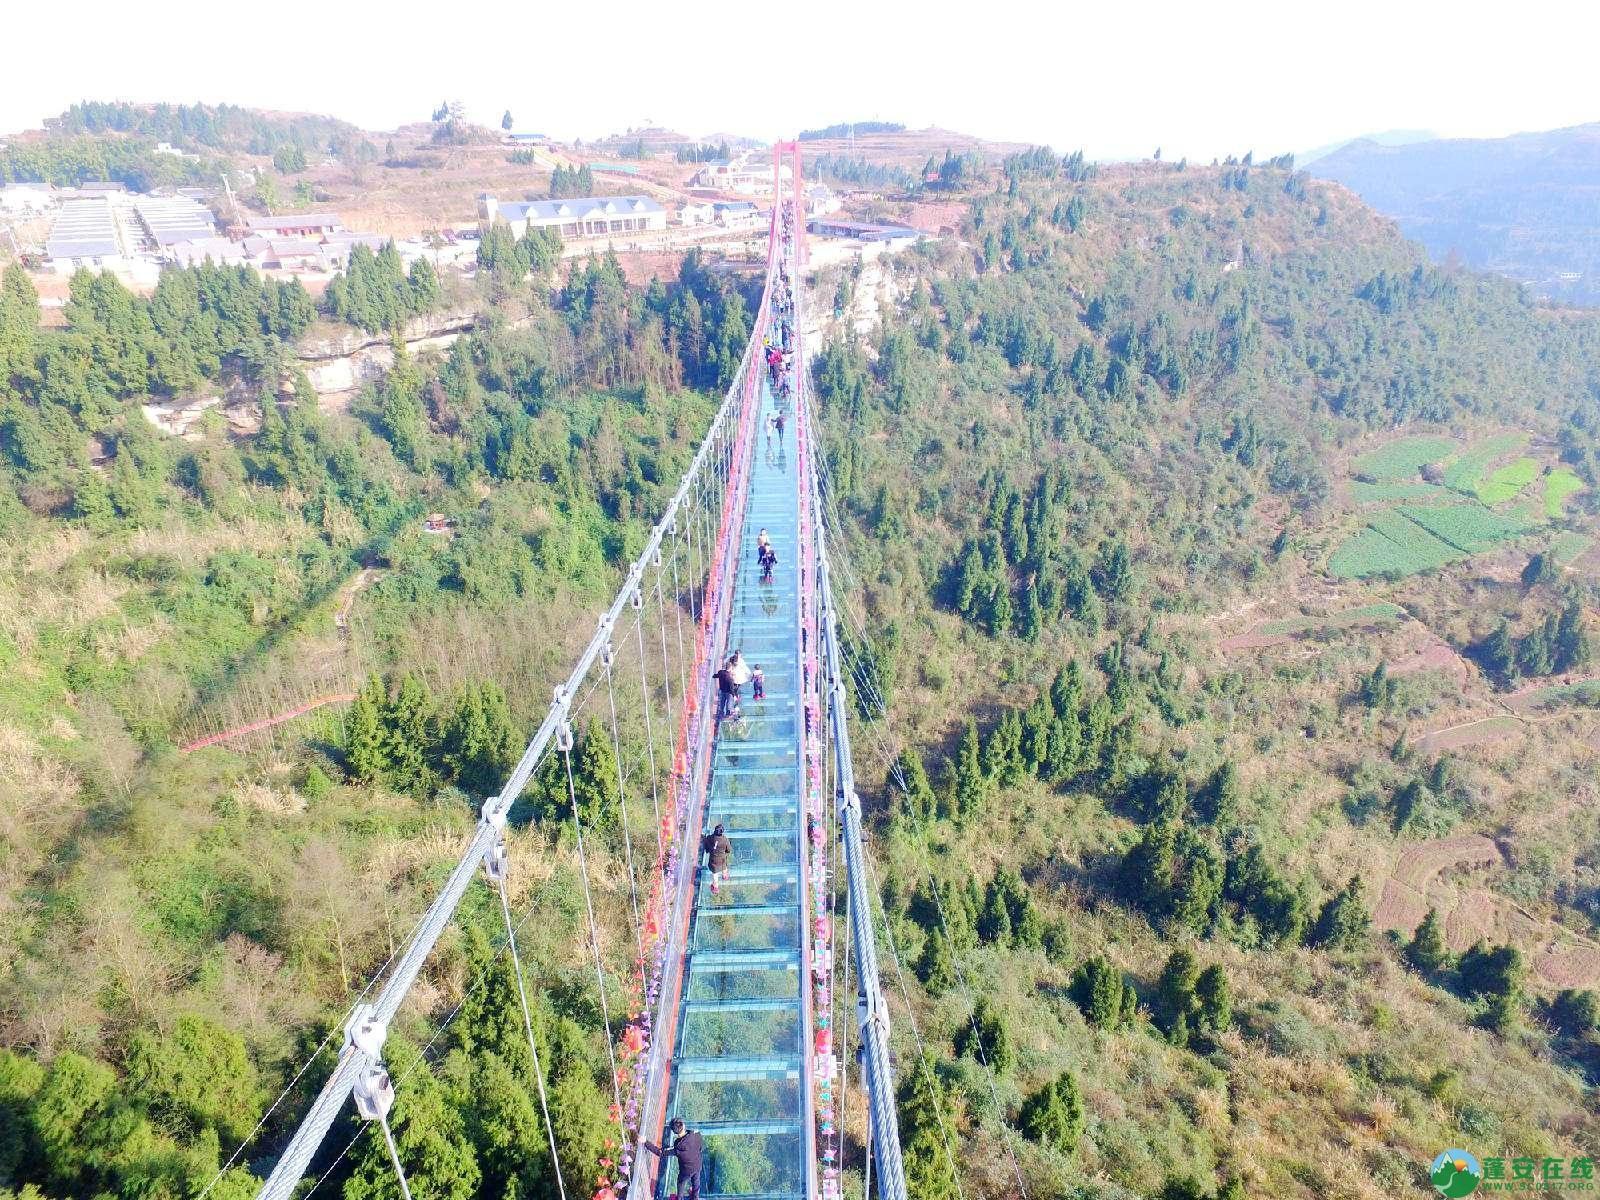 蓬安县正源镇红豆村首个悬空玻璃吊桥正式开放 - 第2张  | 蓬安在线